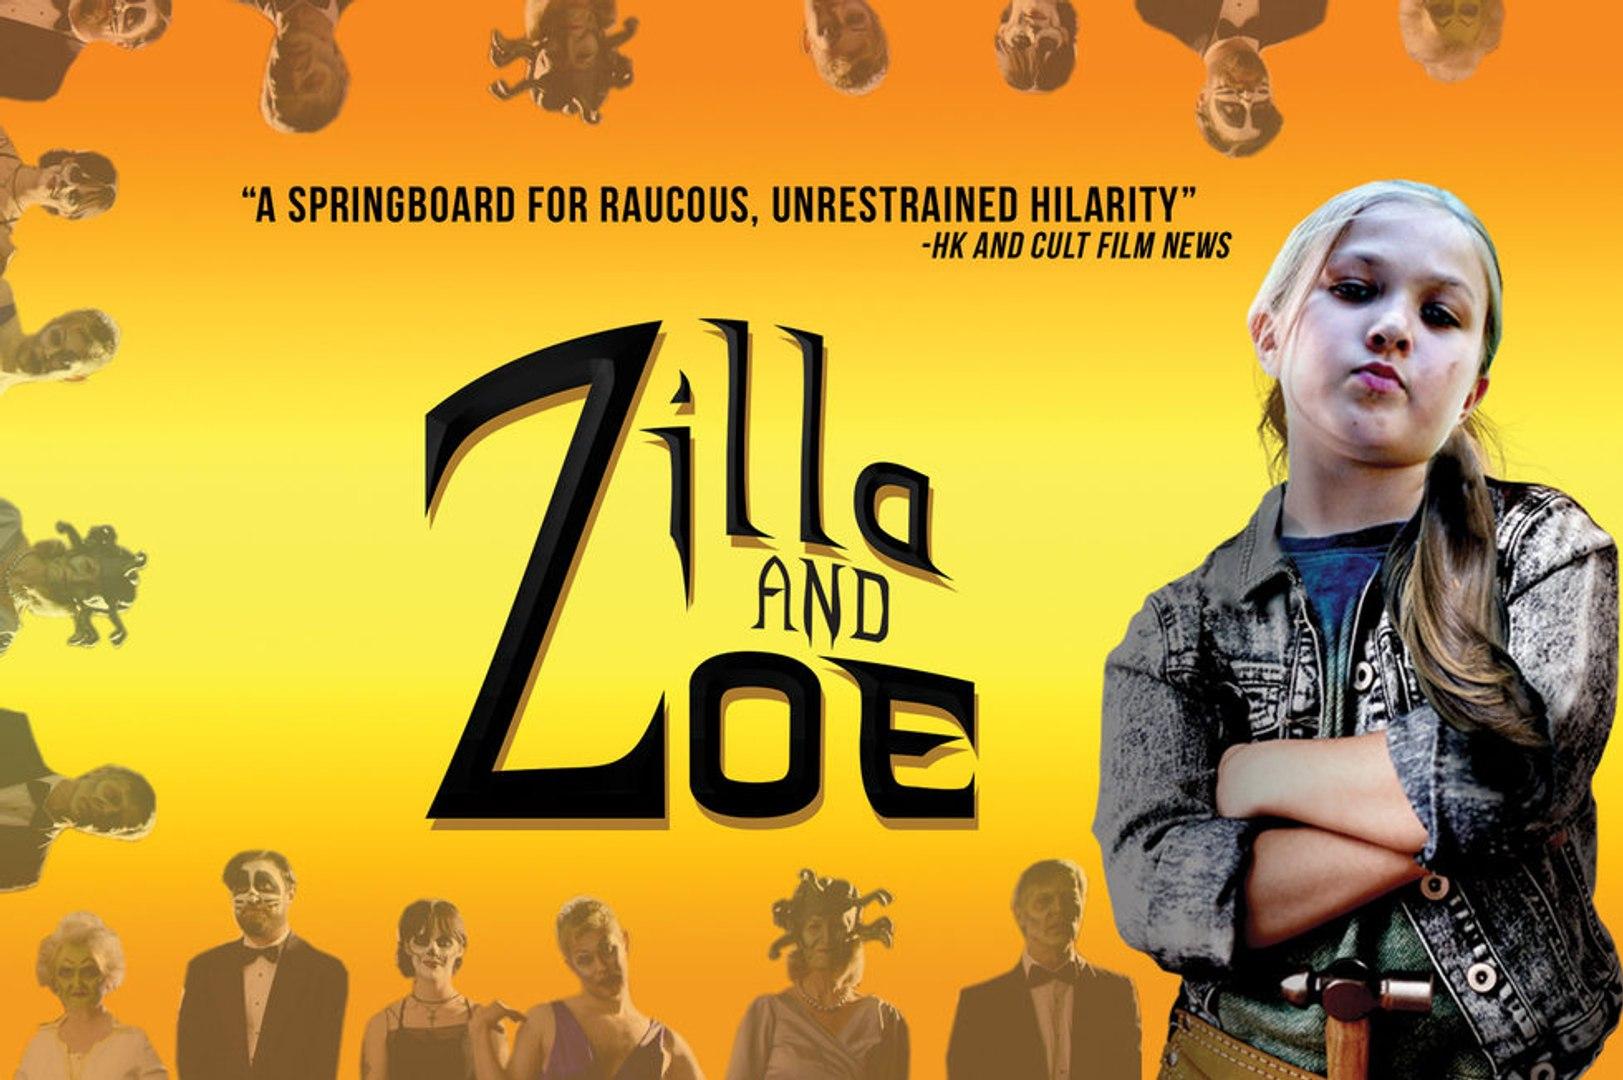 Zilla And Zoe Trailer (2019)